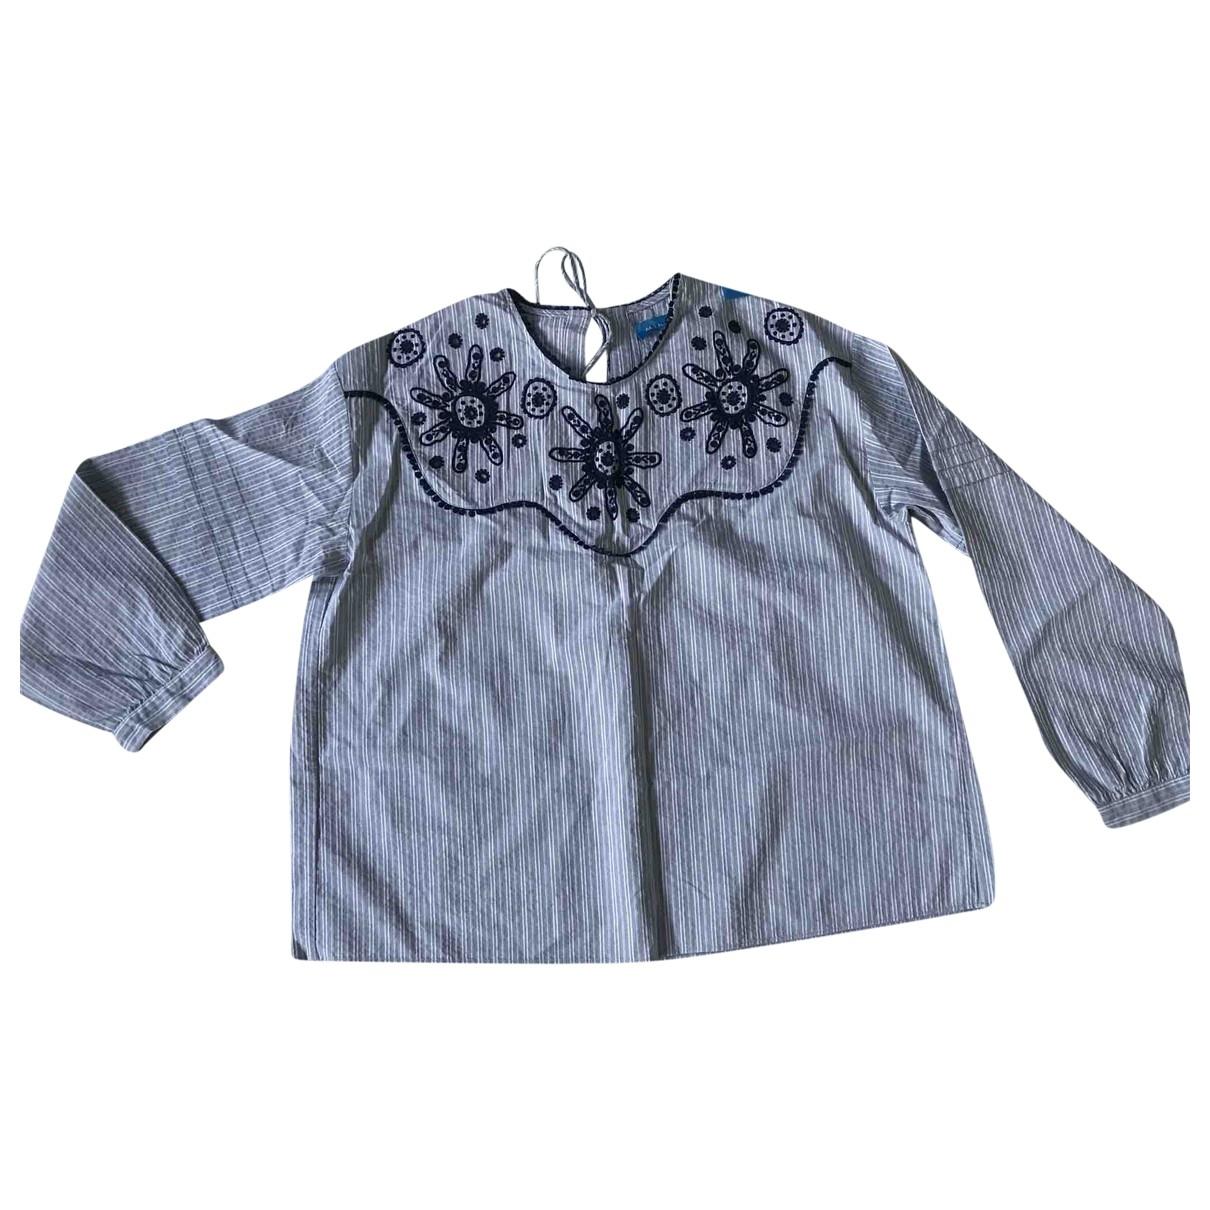 Mih Jeans \N Top in  Blau Baumwolle